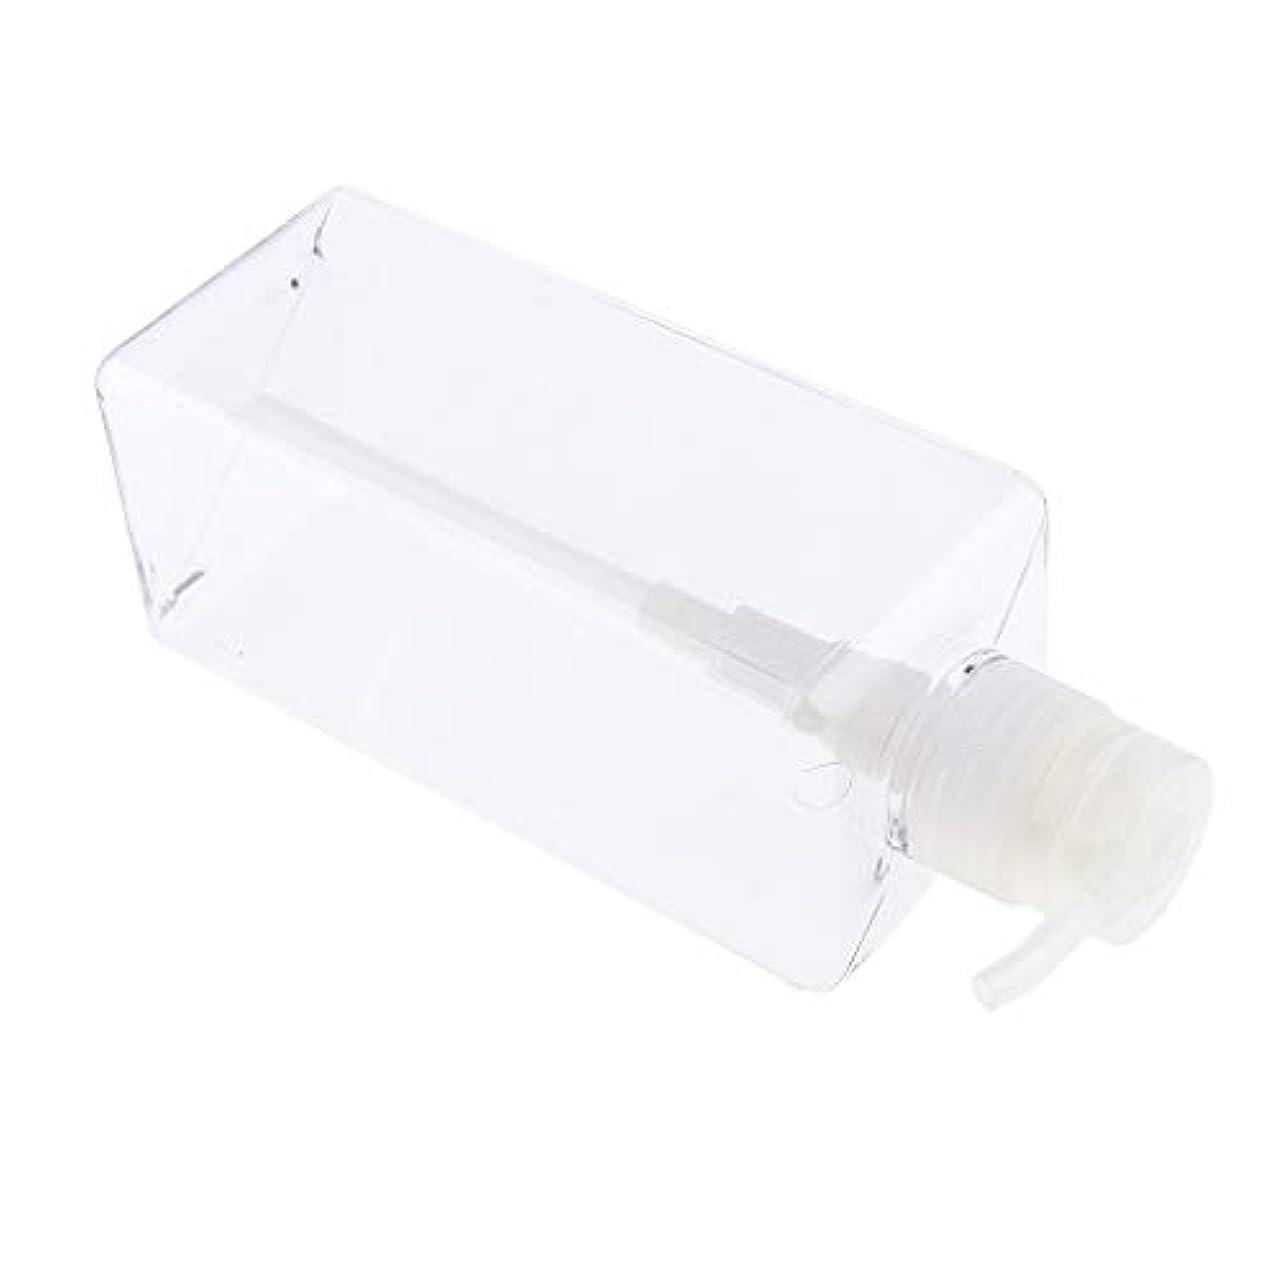 促すおっと発生ソープディスペンサー ローションボトル シャンプーコンテナ 650ml 高品質 プラスチック 4色選べ - クリア